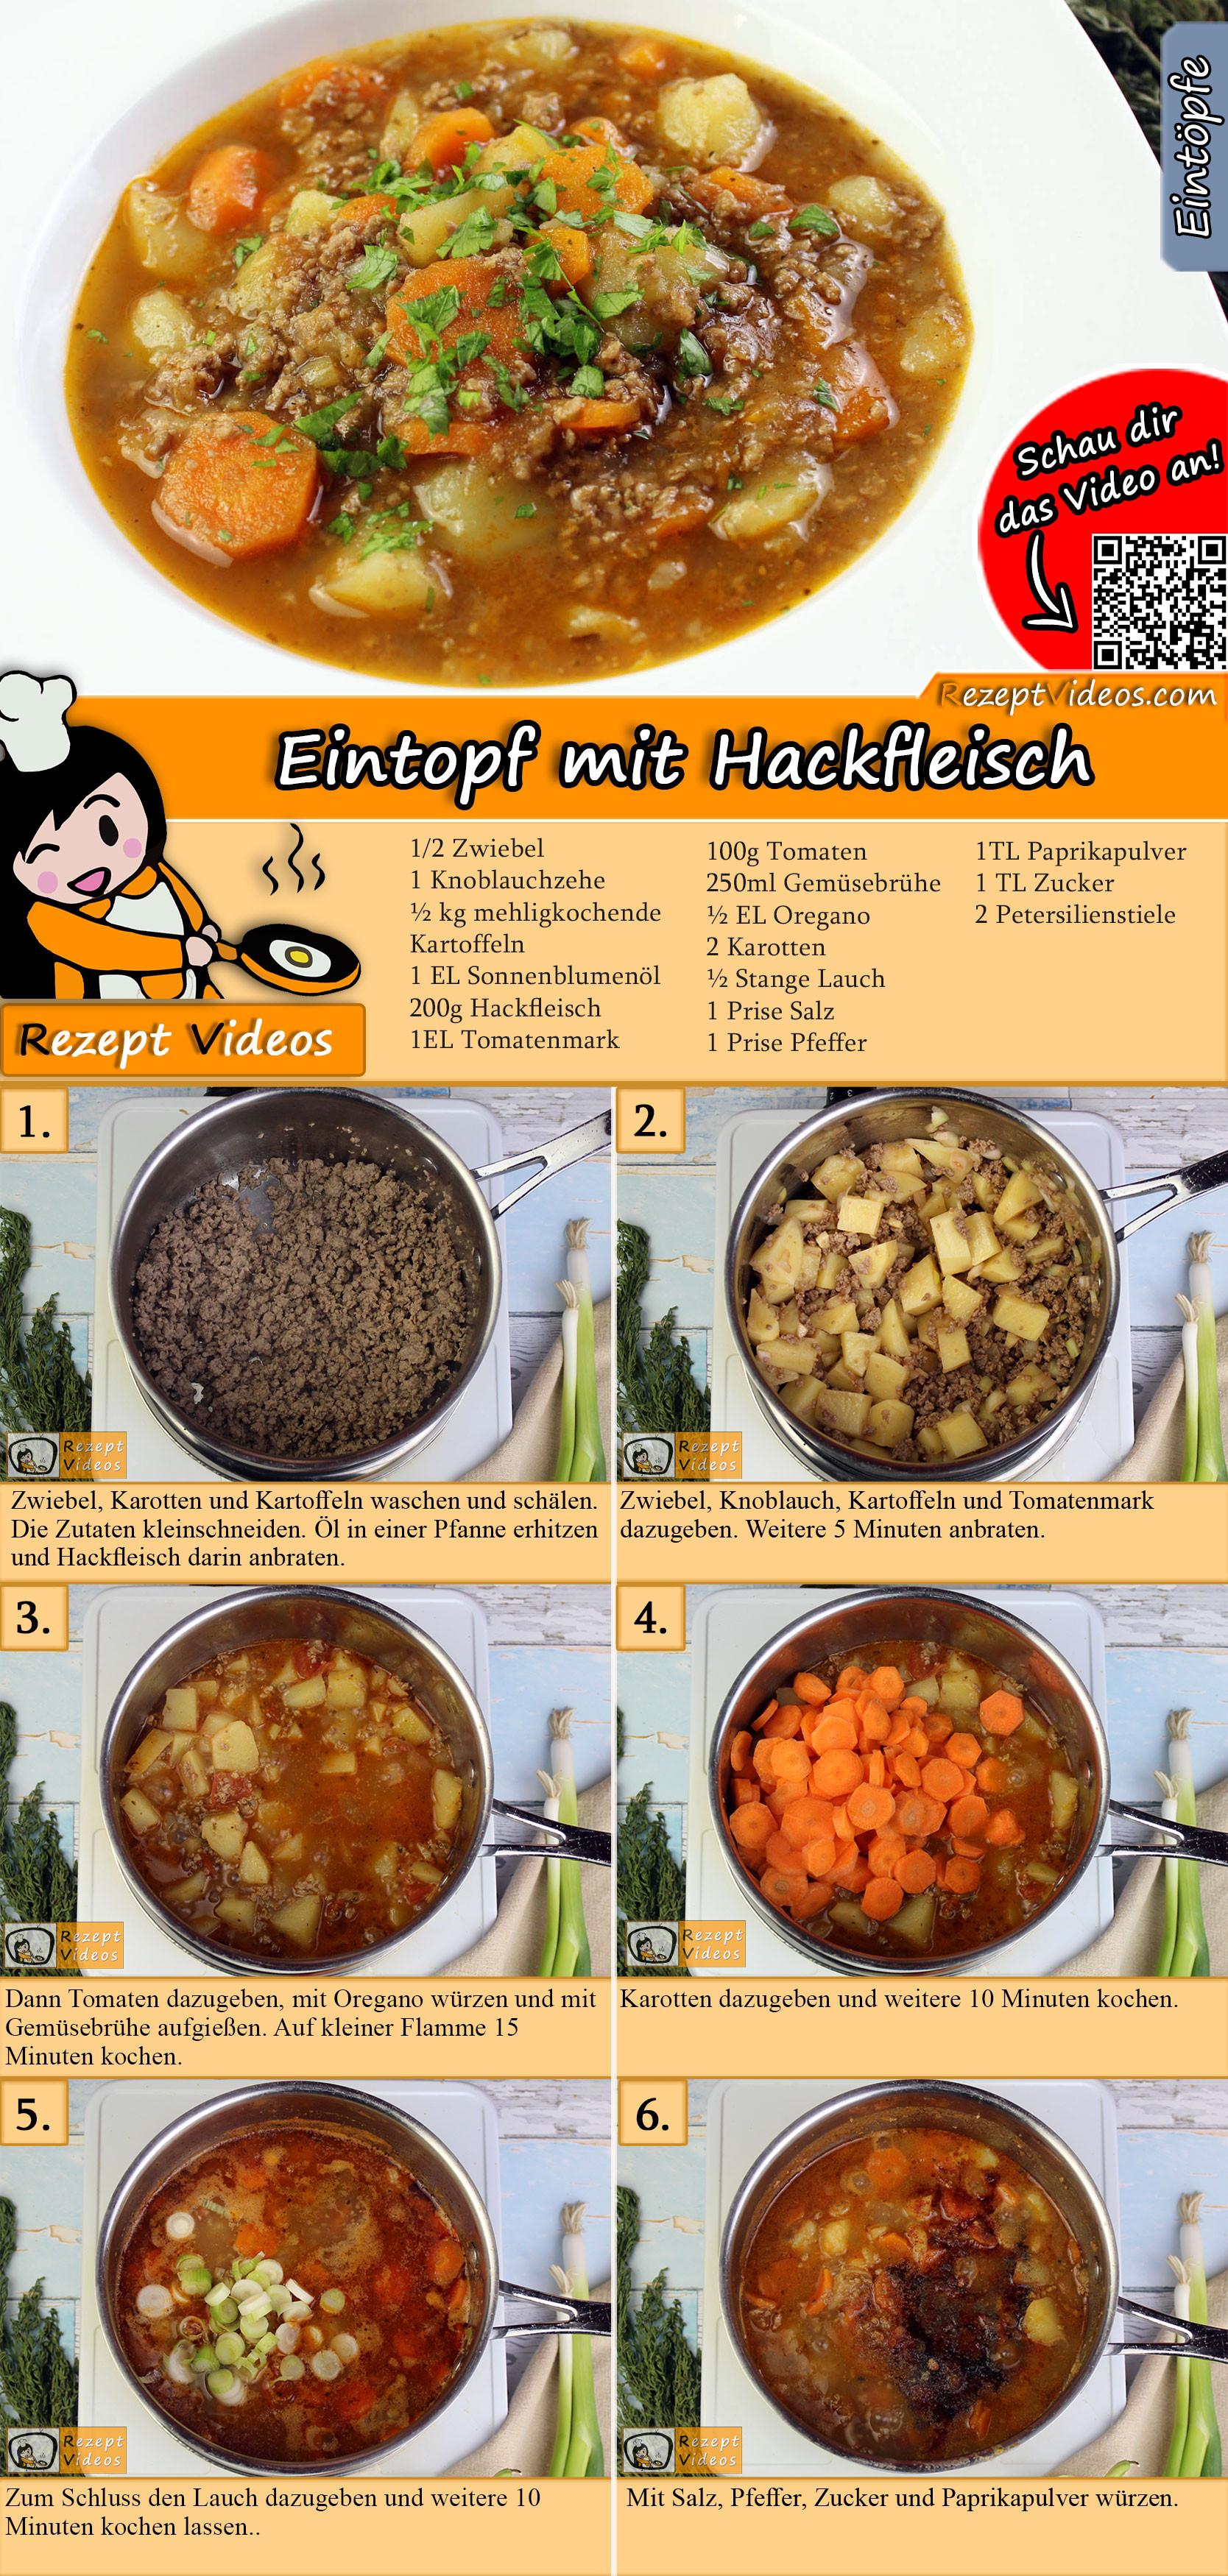 Eintopf mit Hackfleisch Rezept mit Video